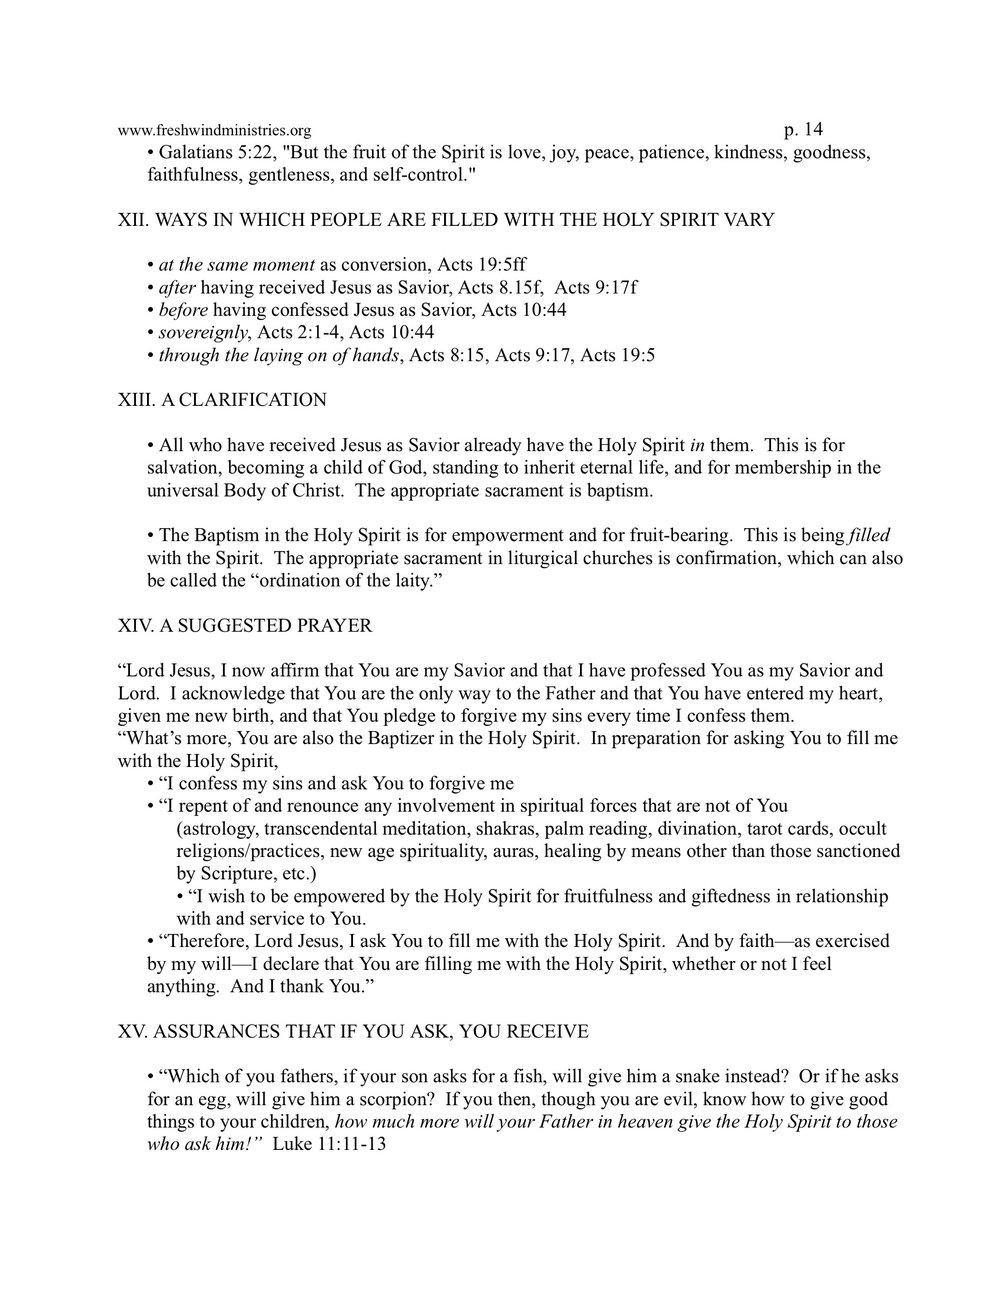 East End Fellowship Notes 33.jpeg